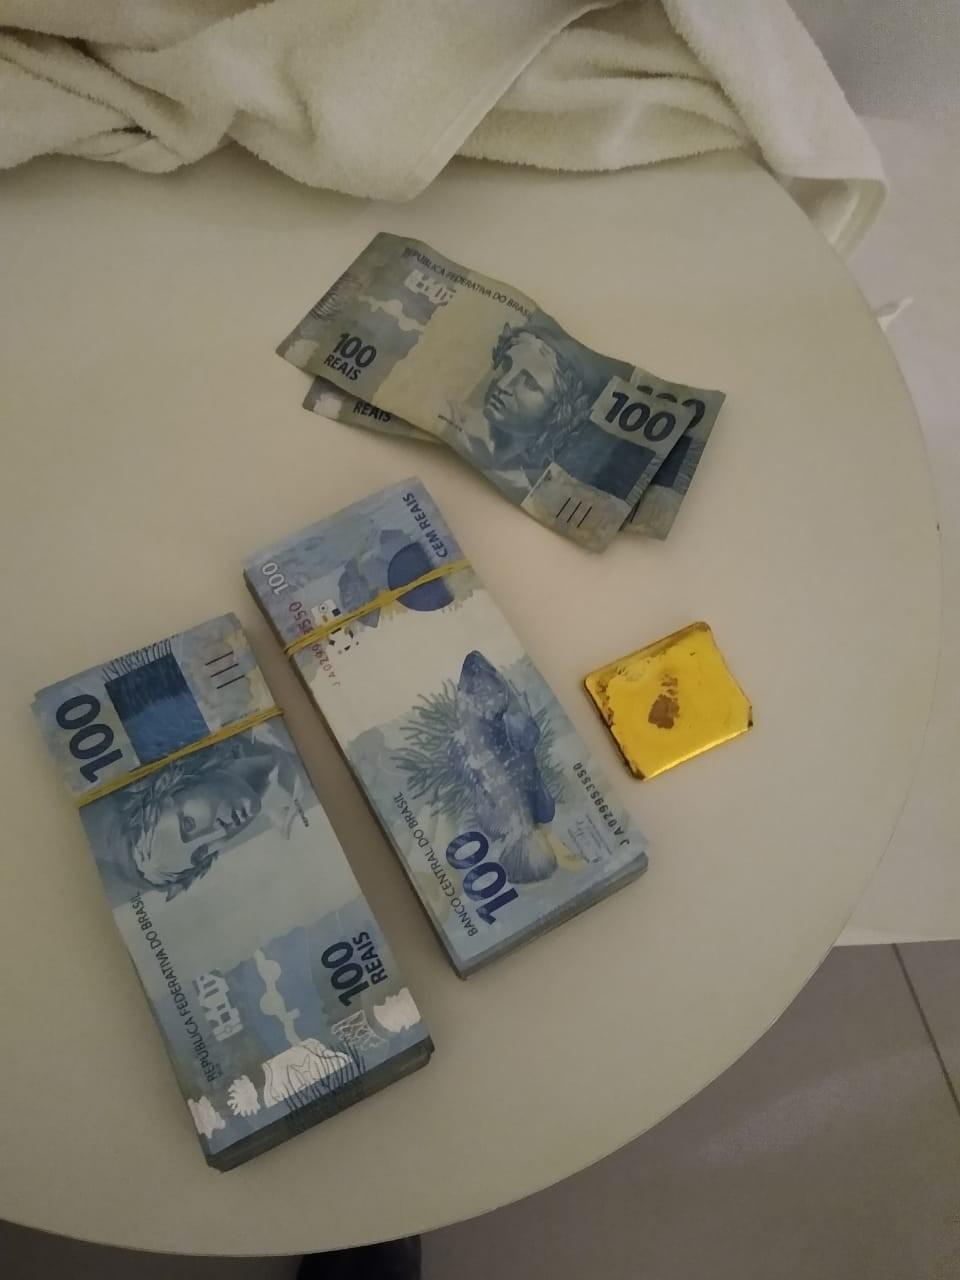 PM prende empresário com barra de ouro, R$ 18 mil e arma em hotel de Boa Vista - Notícias - Plantão Diário